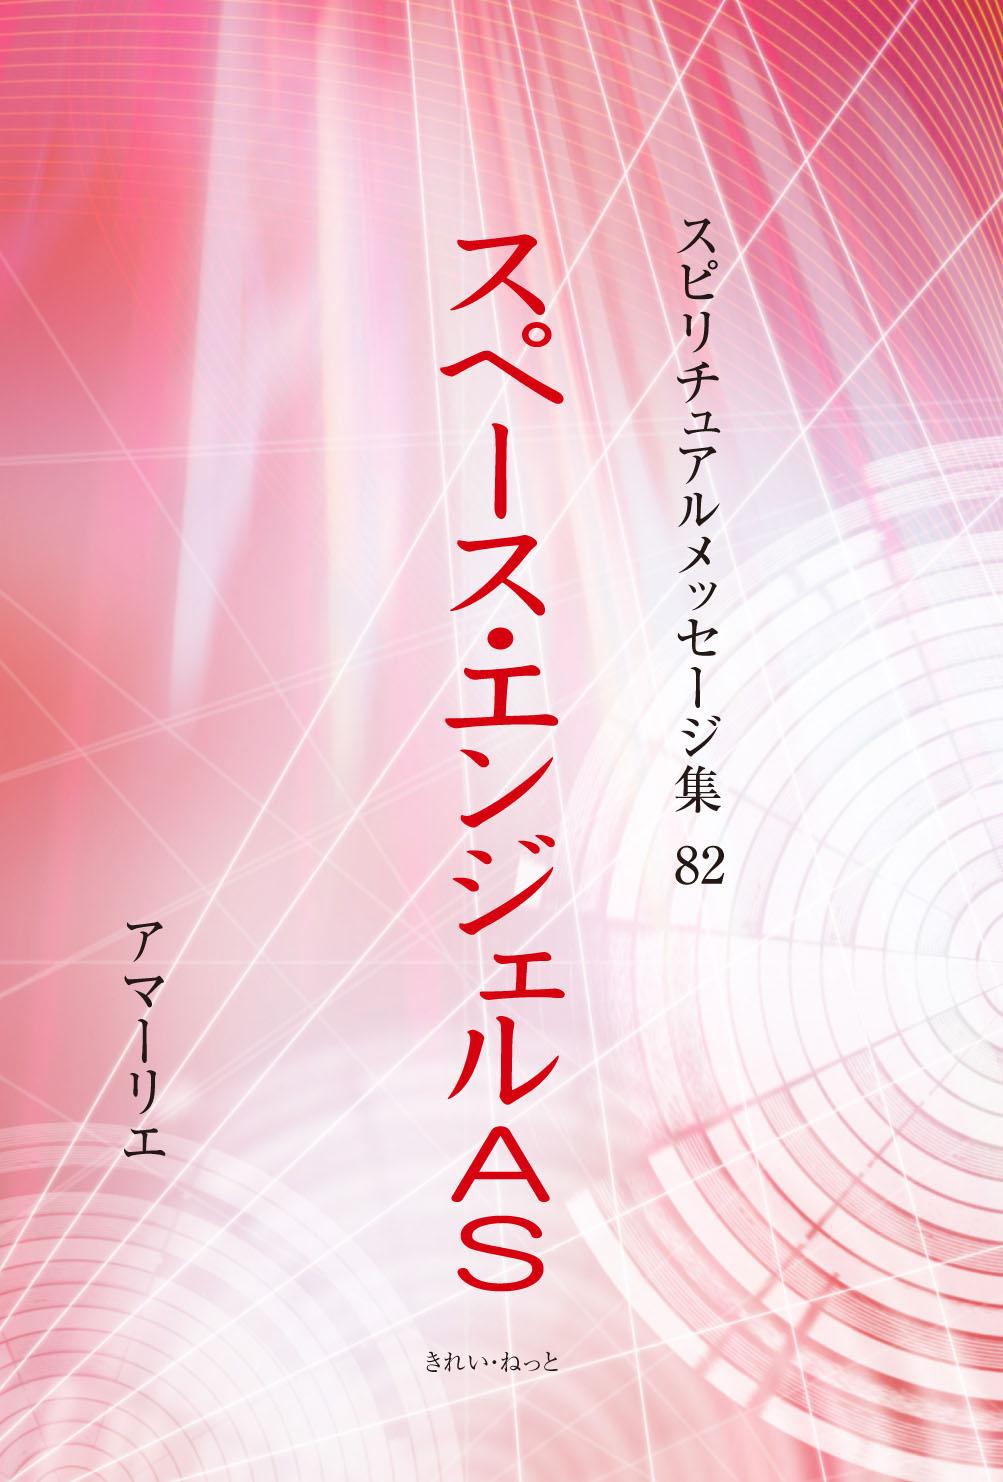 画像1: スピリチュアルメッセージ集82 スペース・エンジェルAS (1)